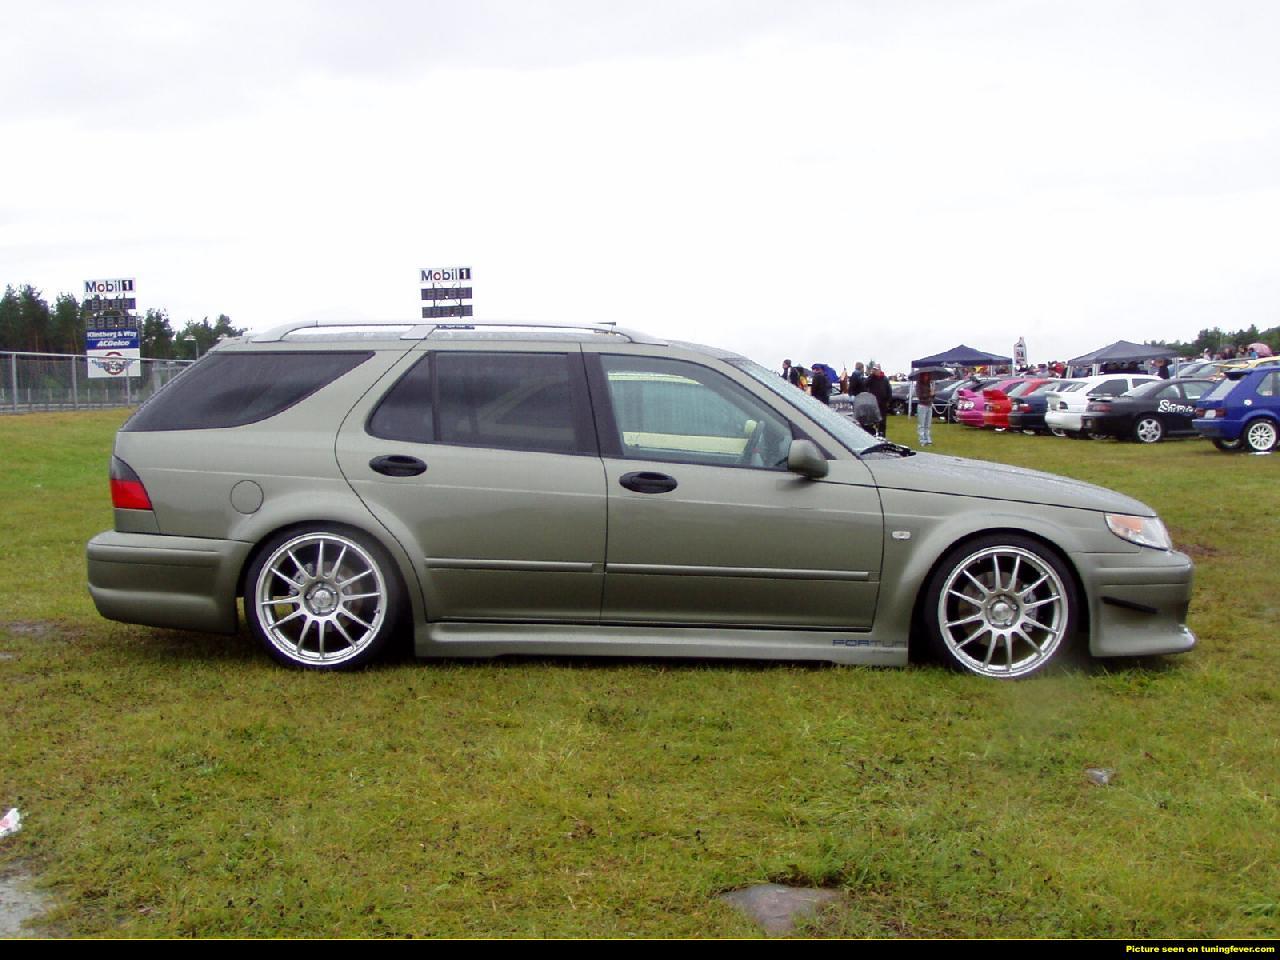 http://4.bp.blogspot.com/-Z76y66jygNQ/TpaXWWRnaiI/AAAAAAAABic/VNKlHNxLrHk/s1600/Saab-95-Sport-Estate-1.jpg